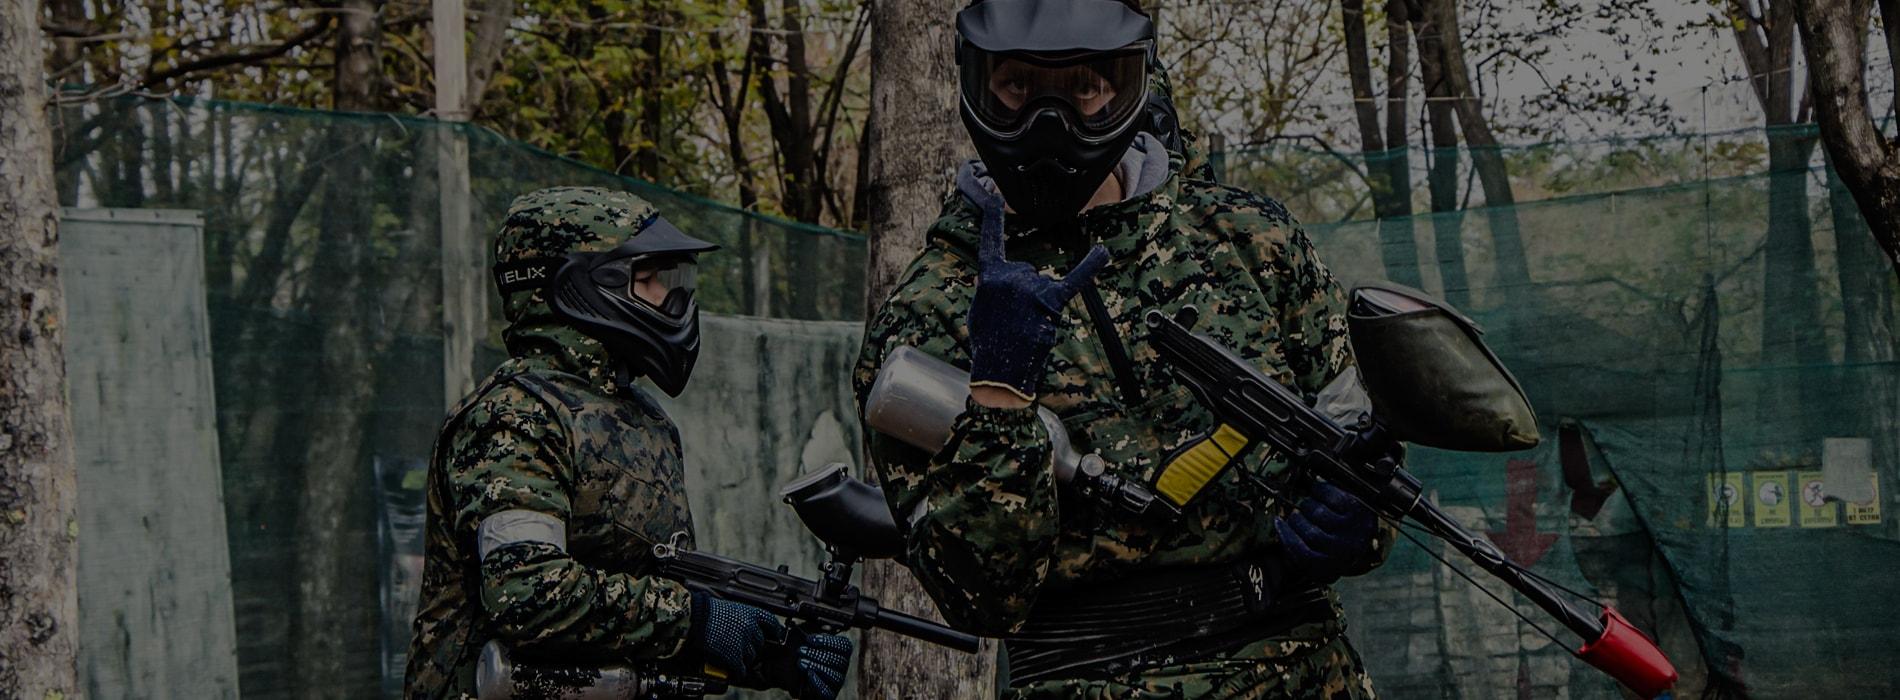 Пейнтбол в Харькове